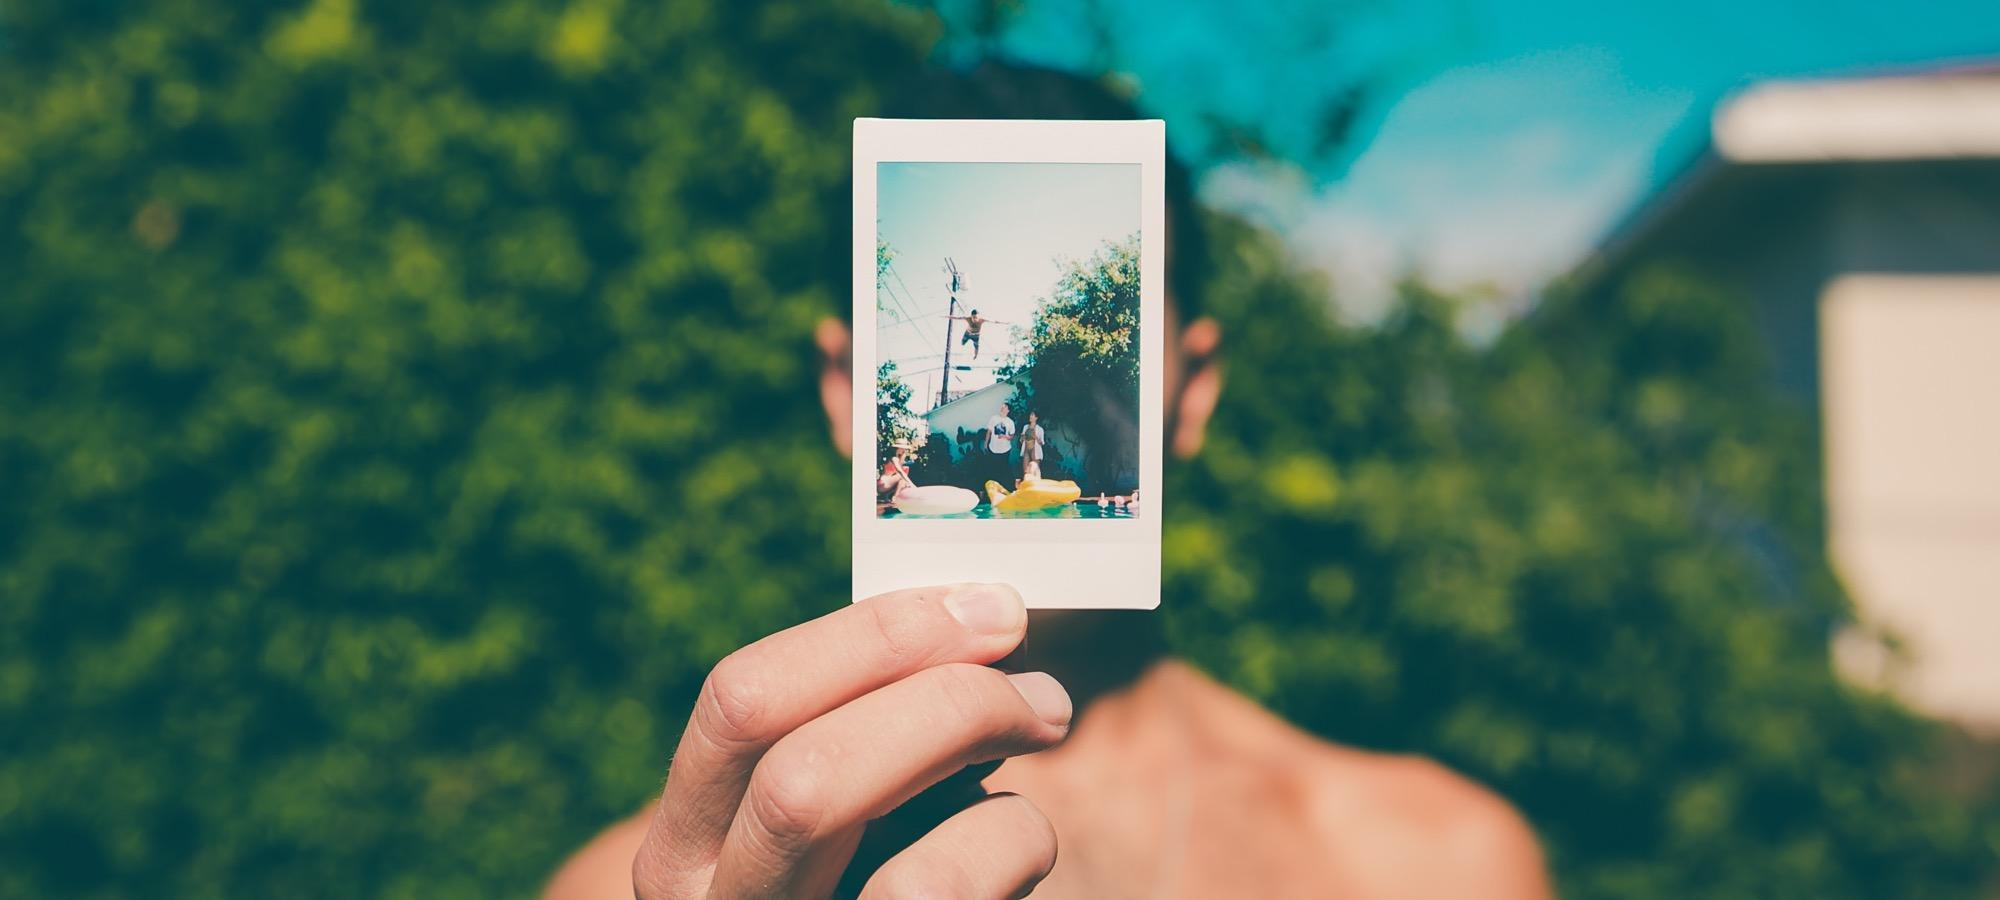 Люди поверили в ложные воспоминания других